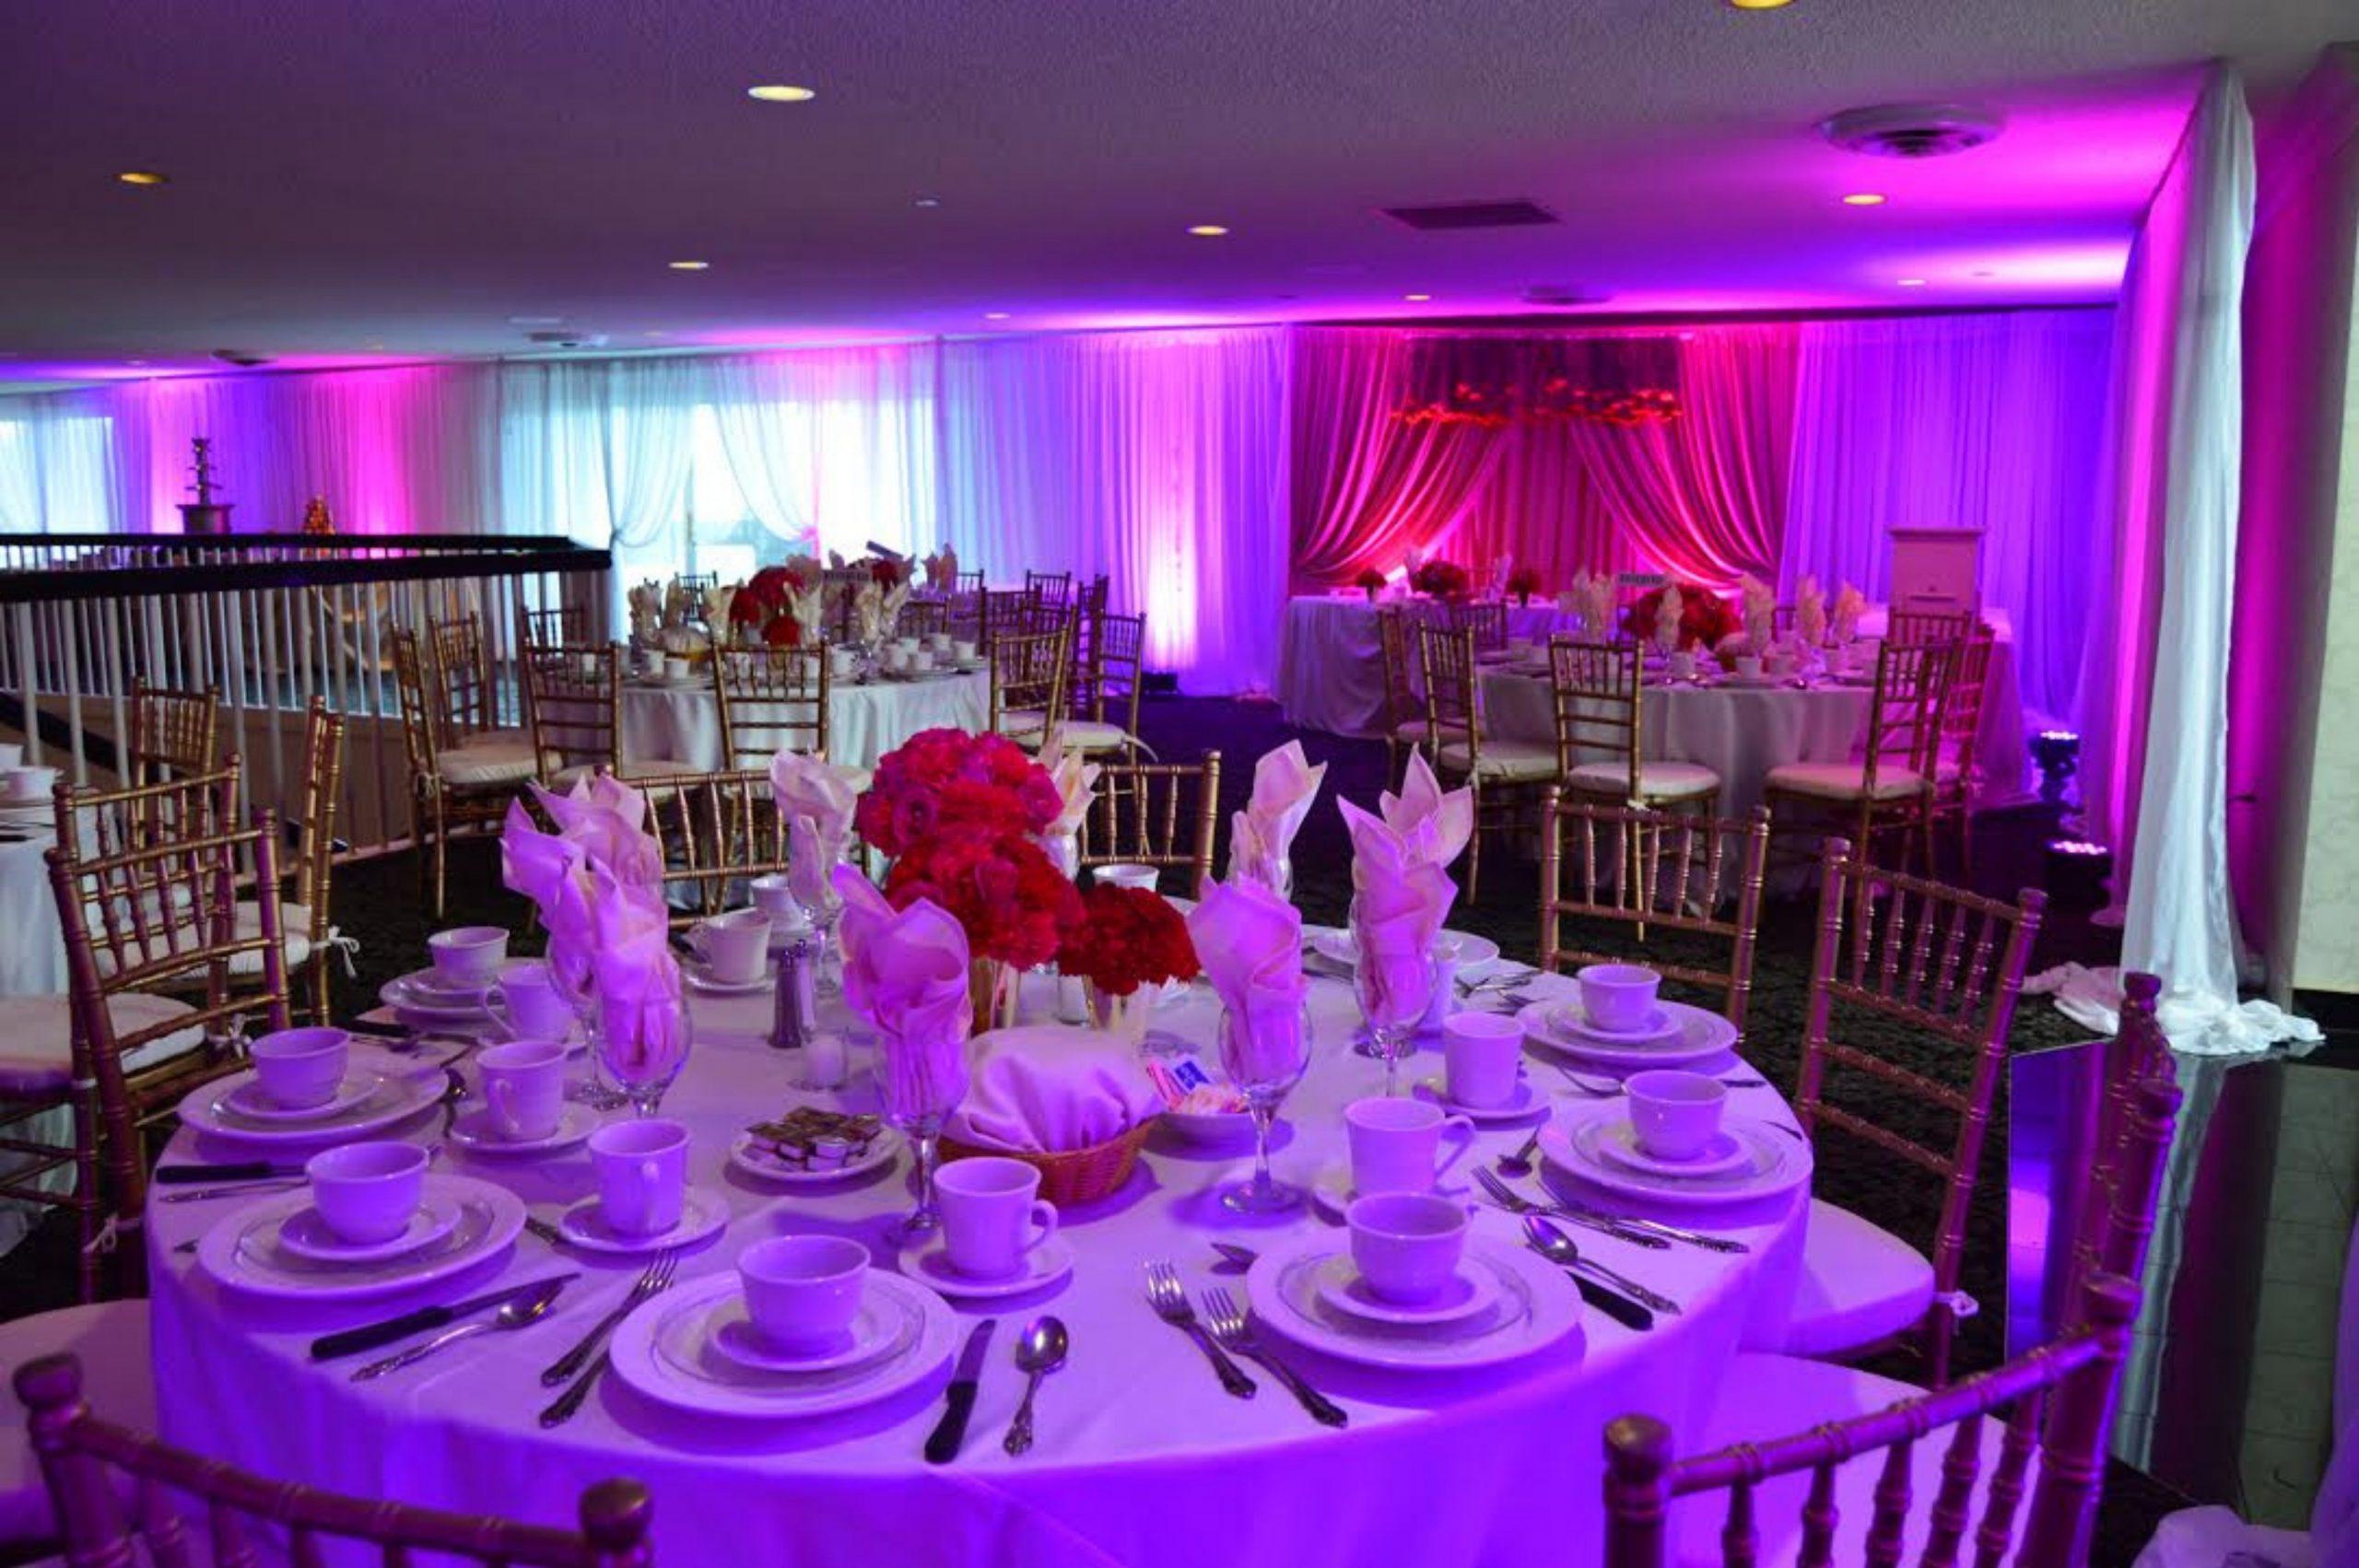 dj station at wedding reception